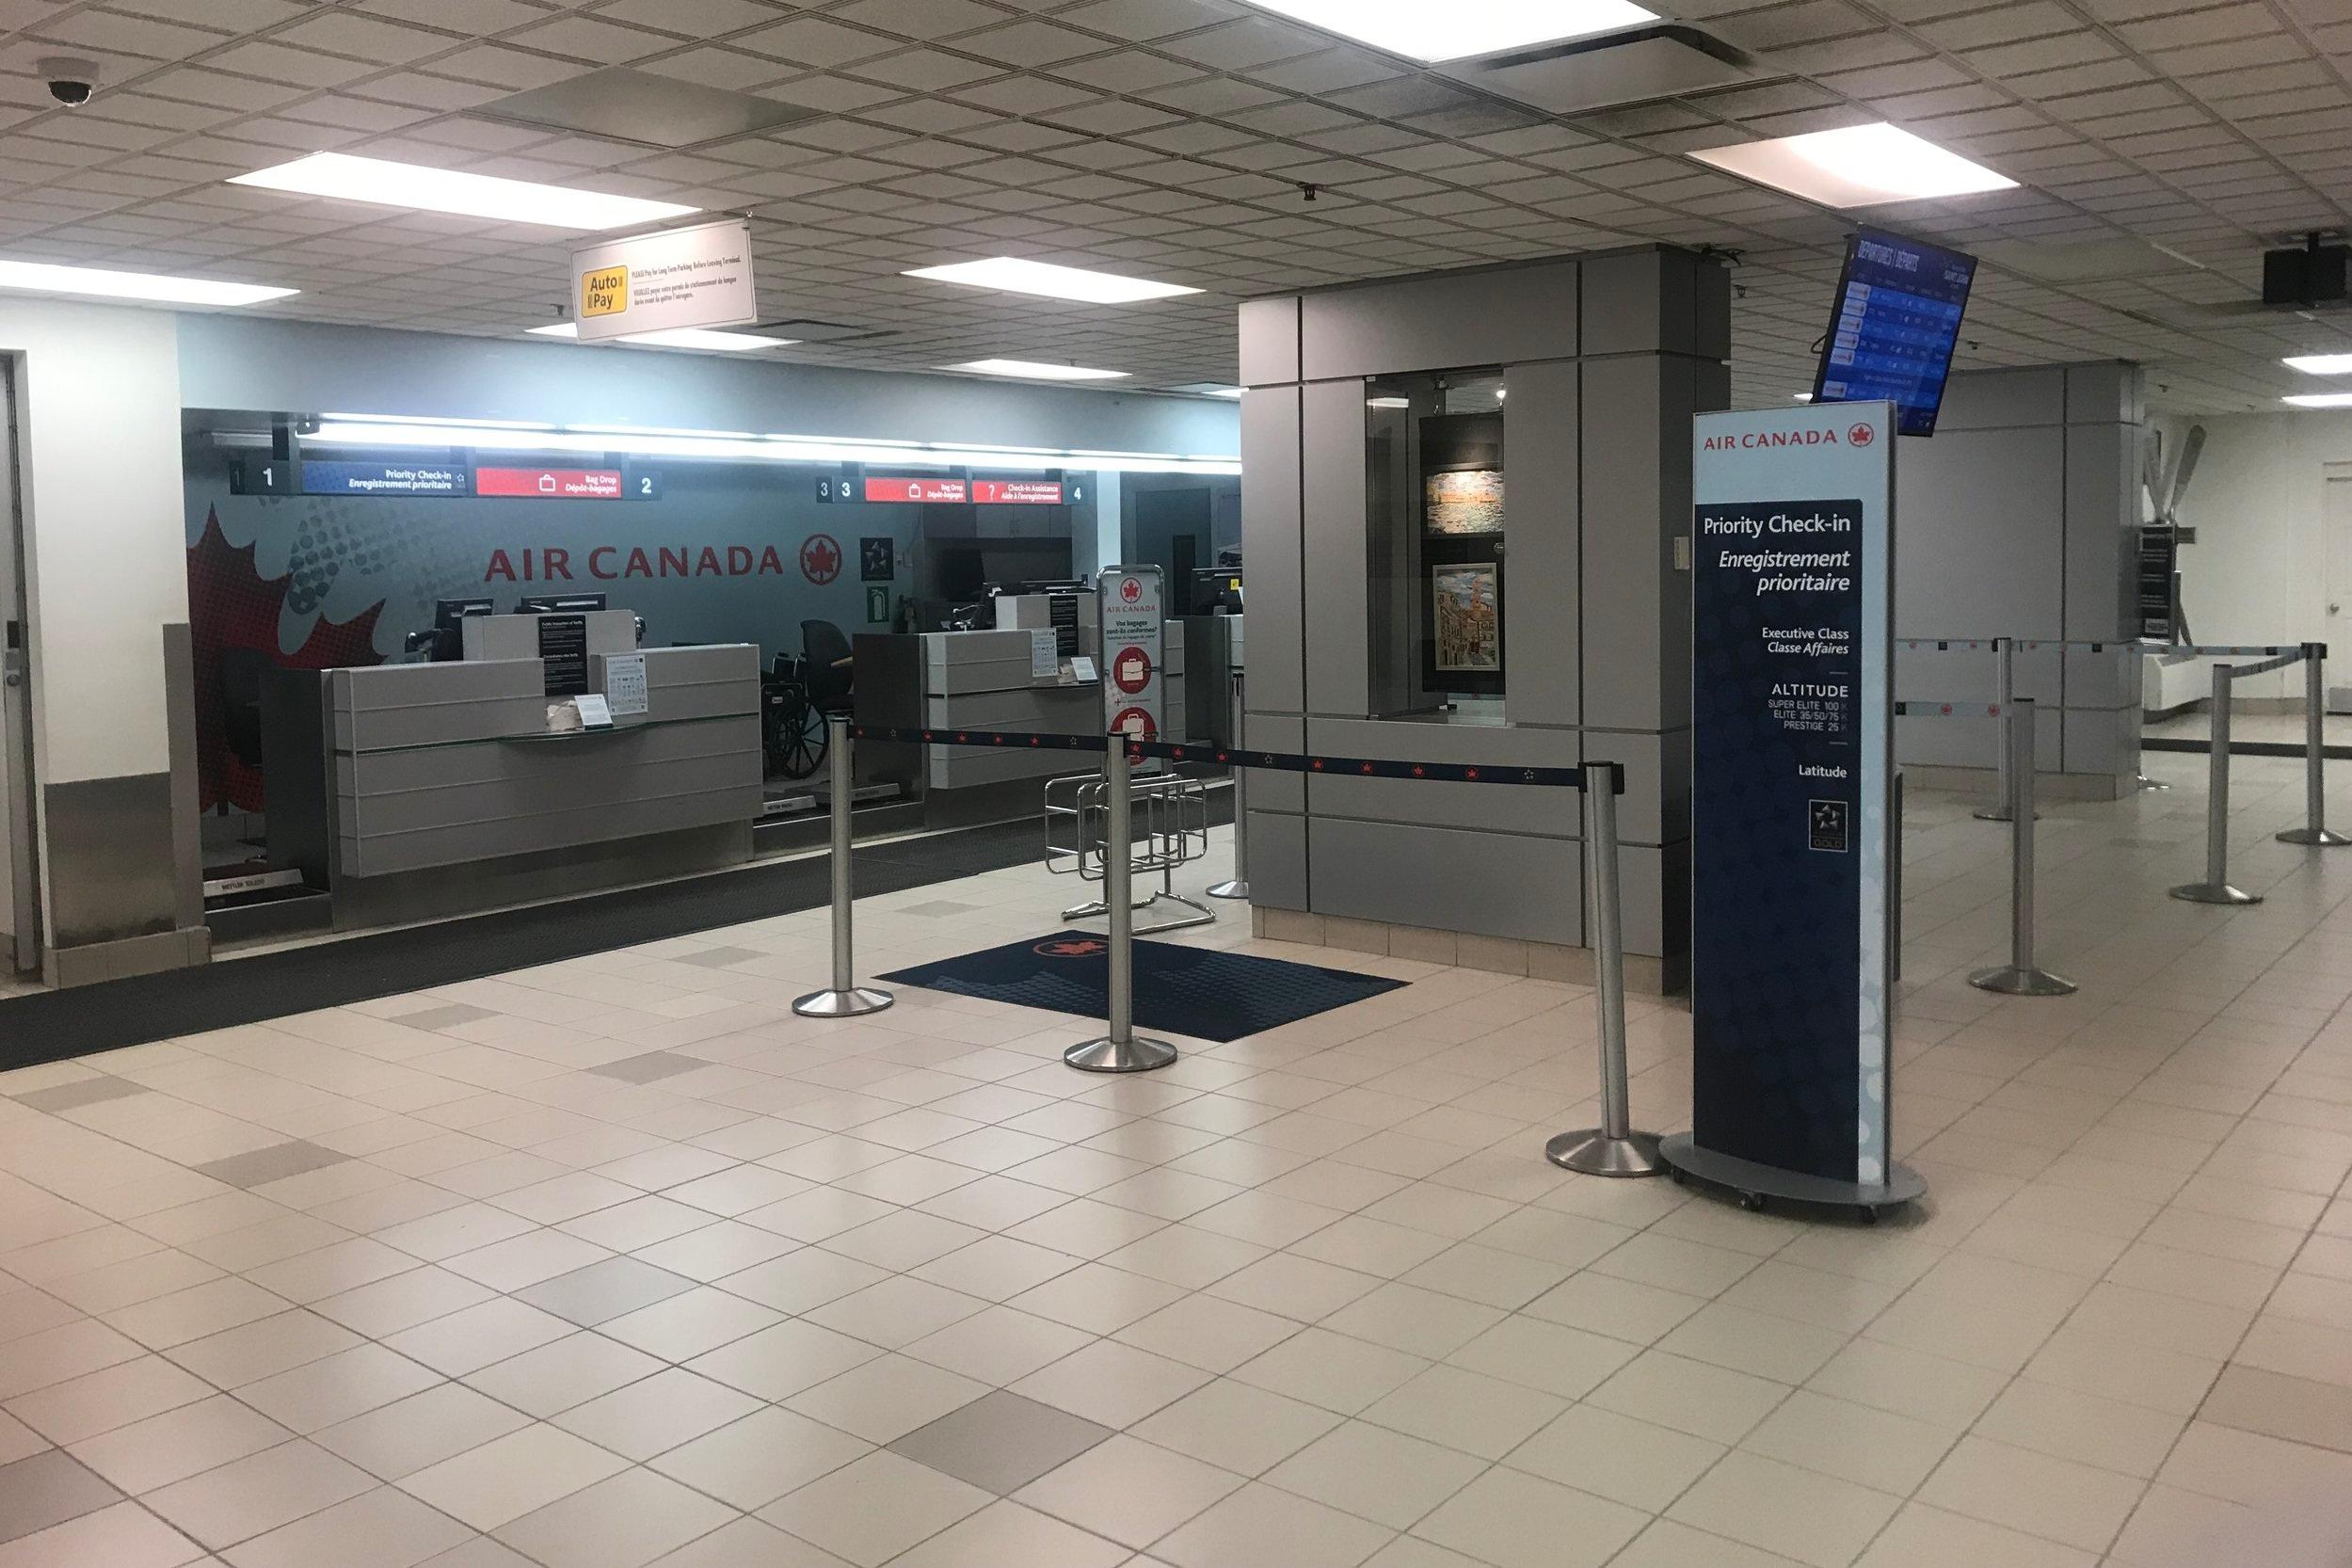 Saint John Airport – Air Canada check-in